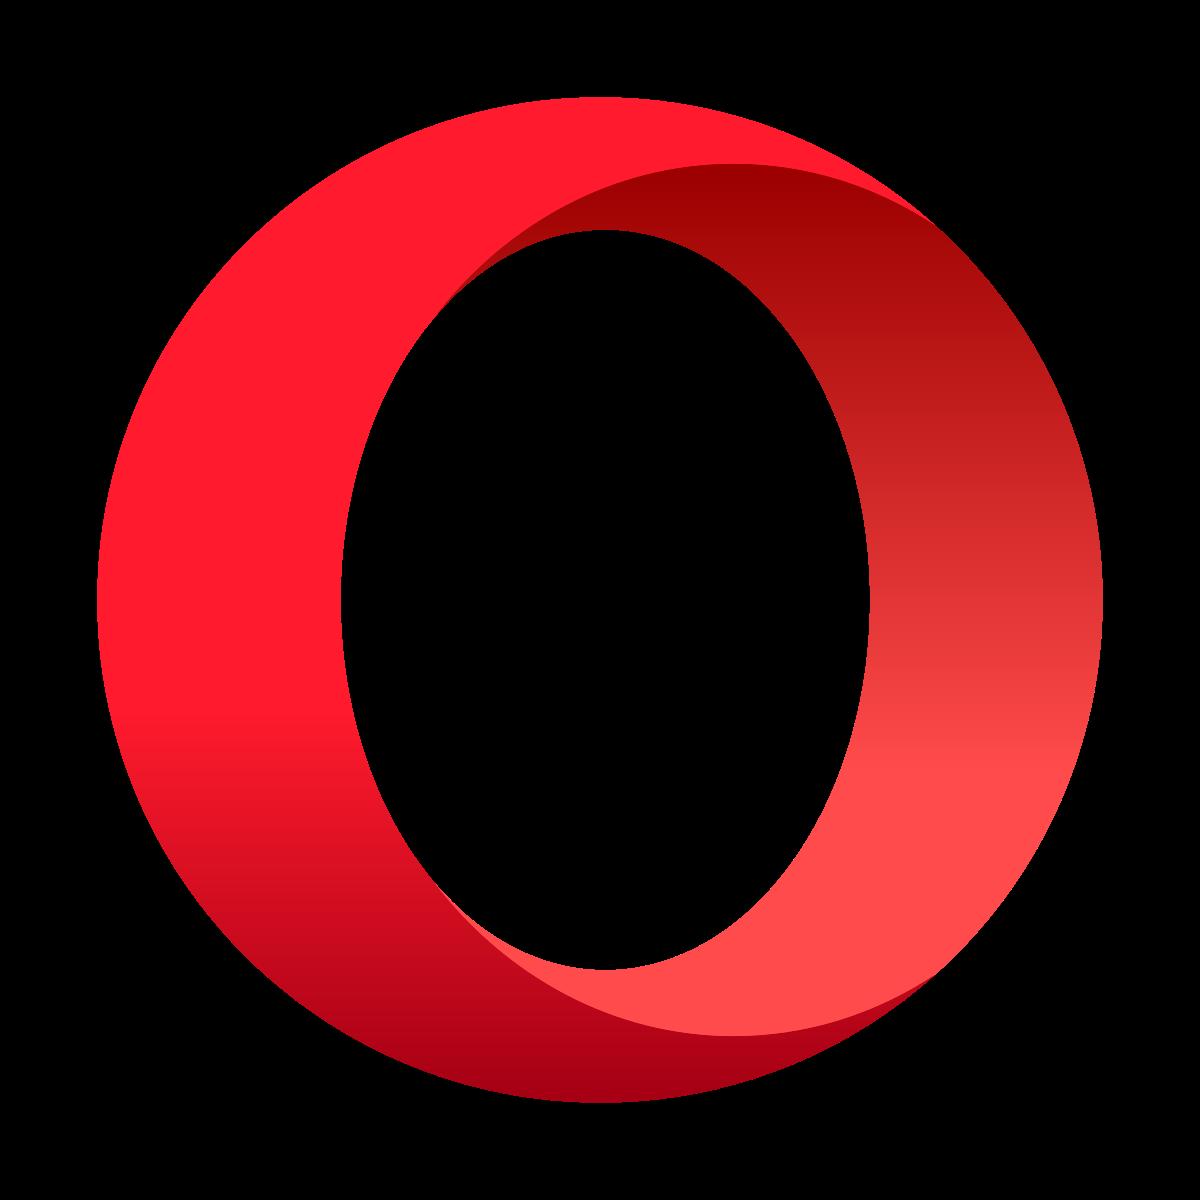 浏览器公司Opera在美提交IPO申请 周亚辉持股67.5%